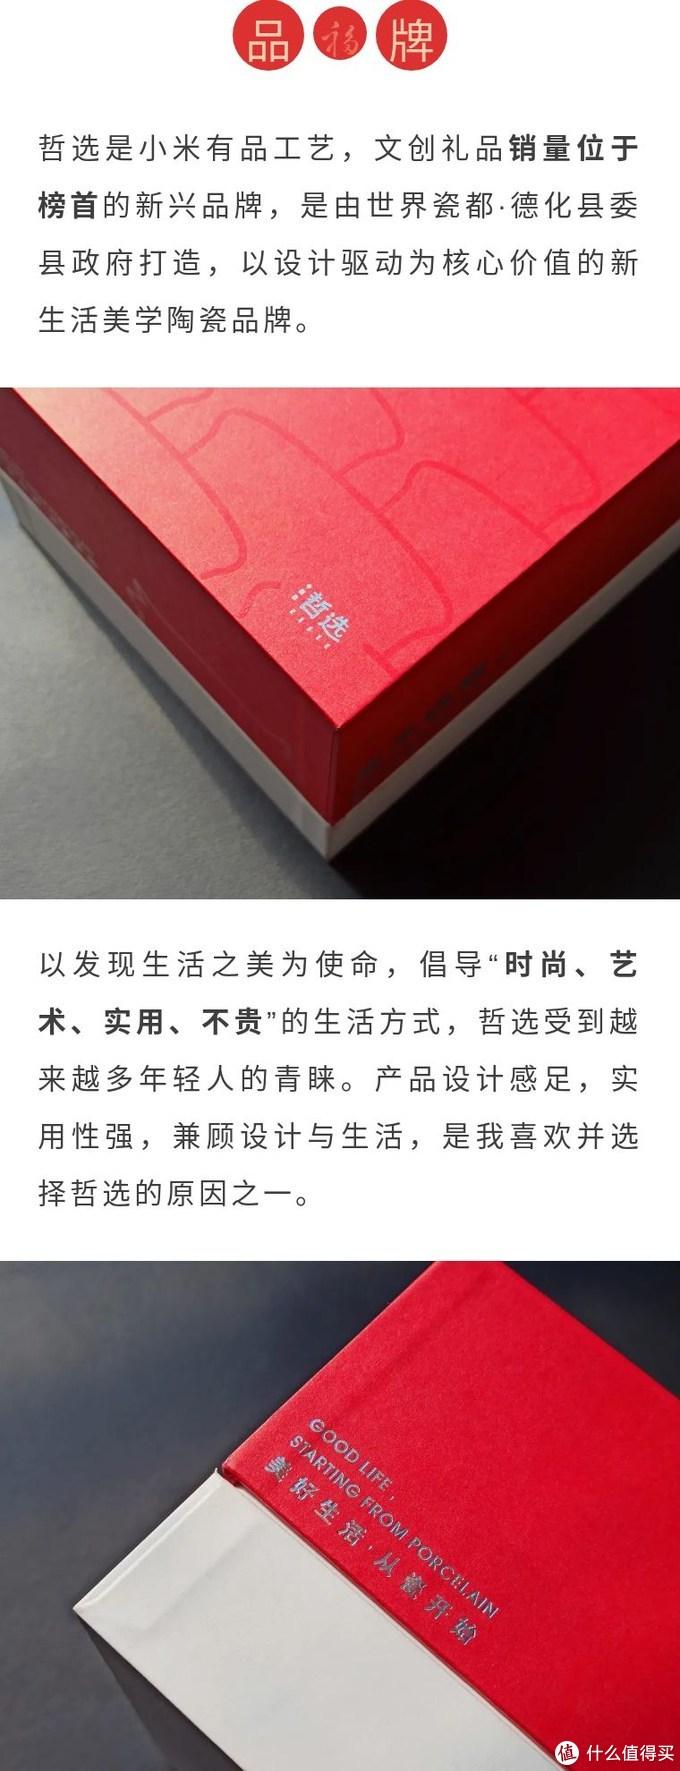 金牛送福——哲选牛年陶瓷生肖马克杯